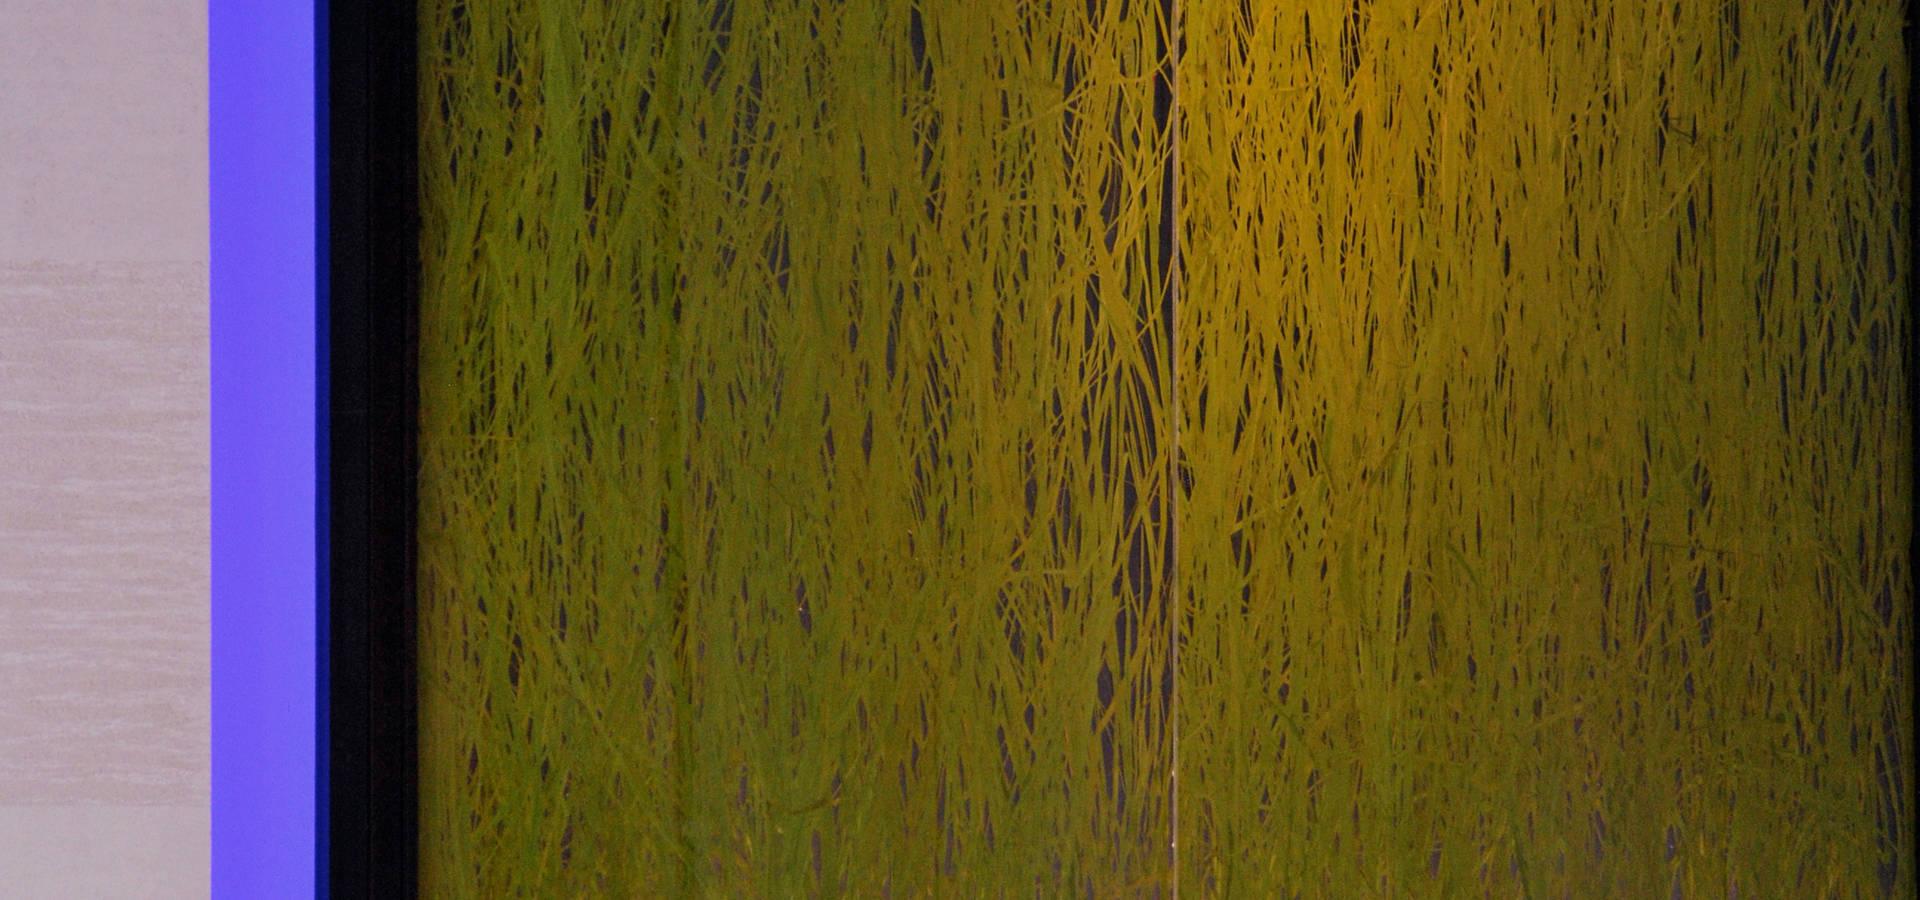 philippe ponceblanc architecte d 39 int rieur du noir et du min ral en architecture int rieure. Black Bedroom Furniture Sets. Home Design Ideas